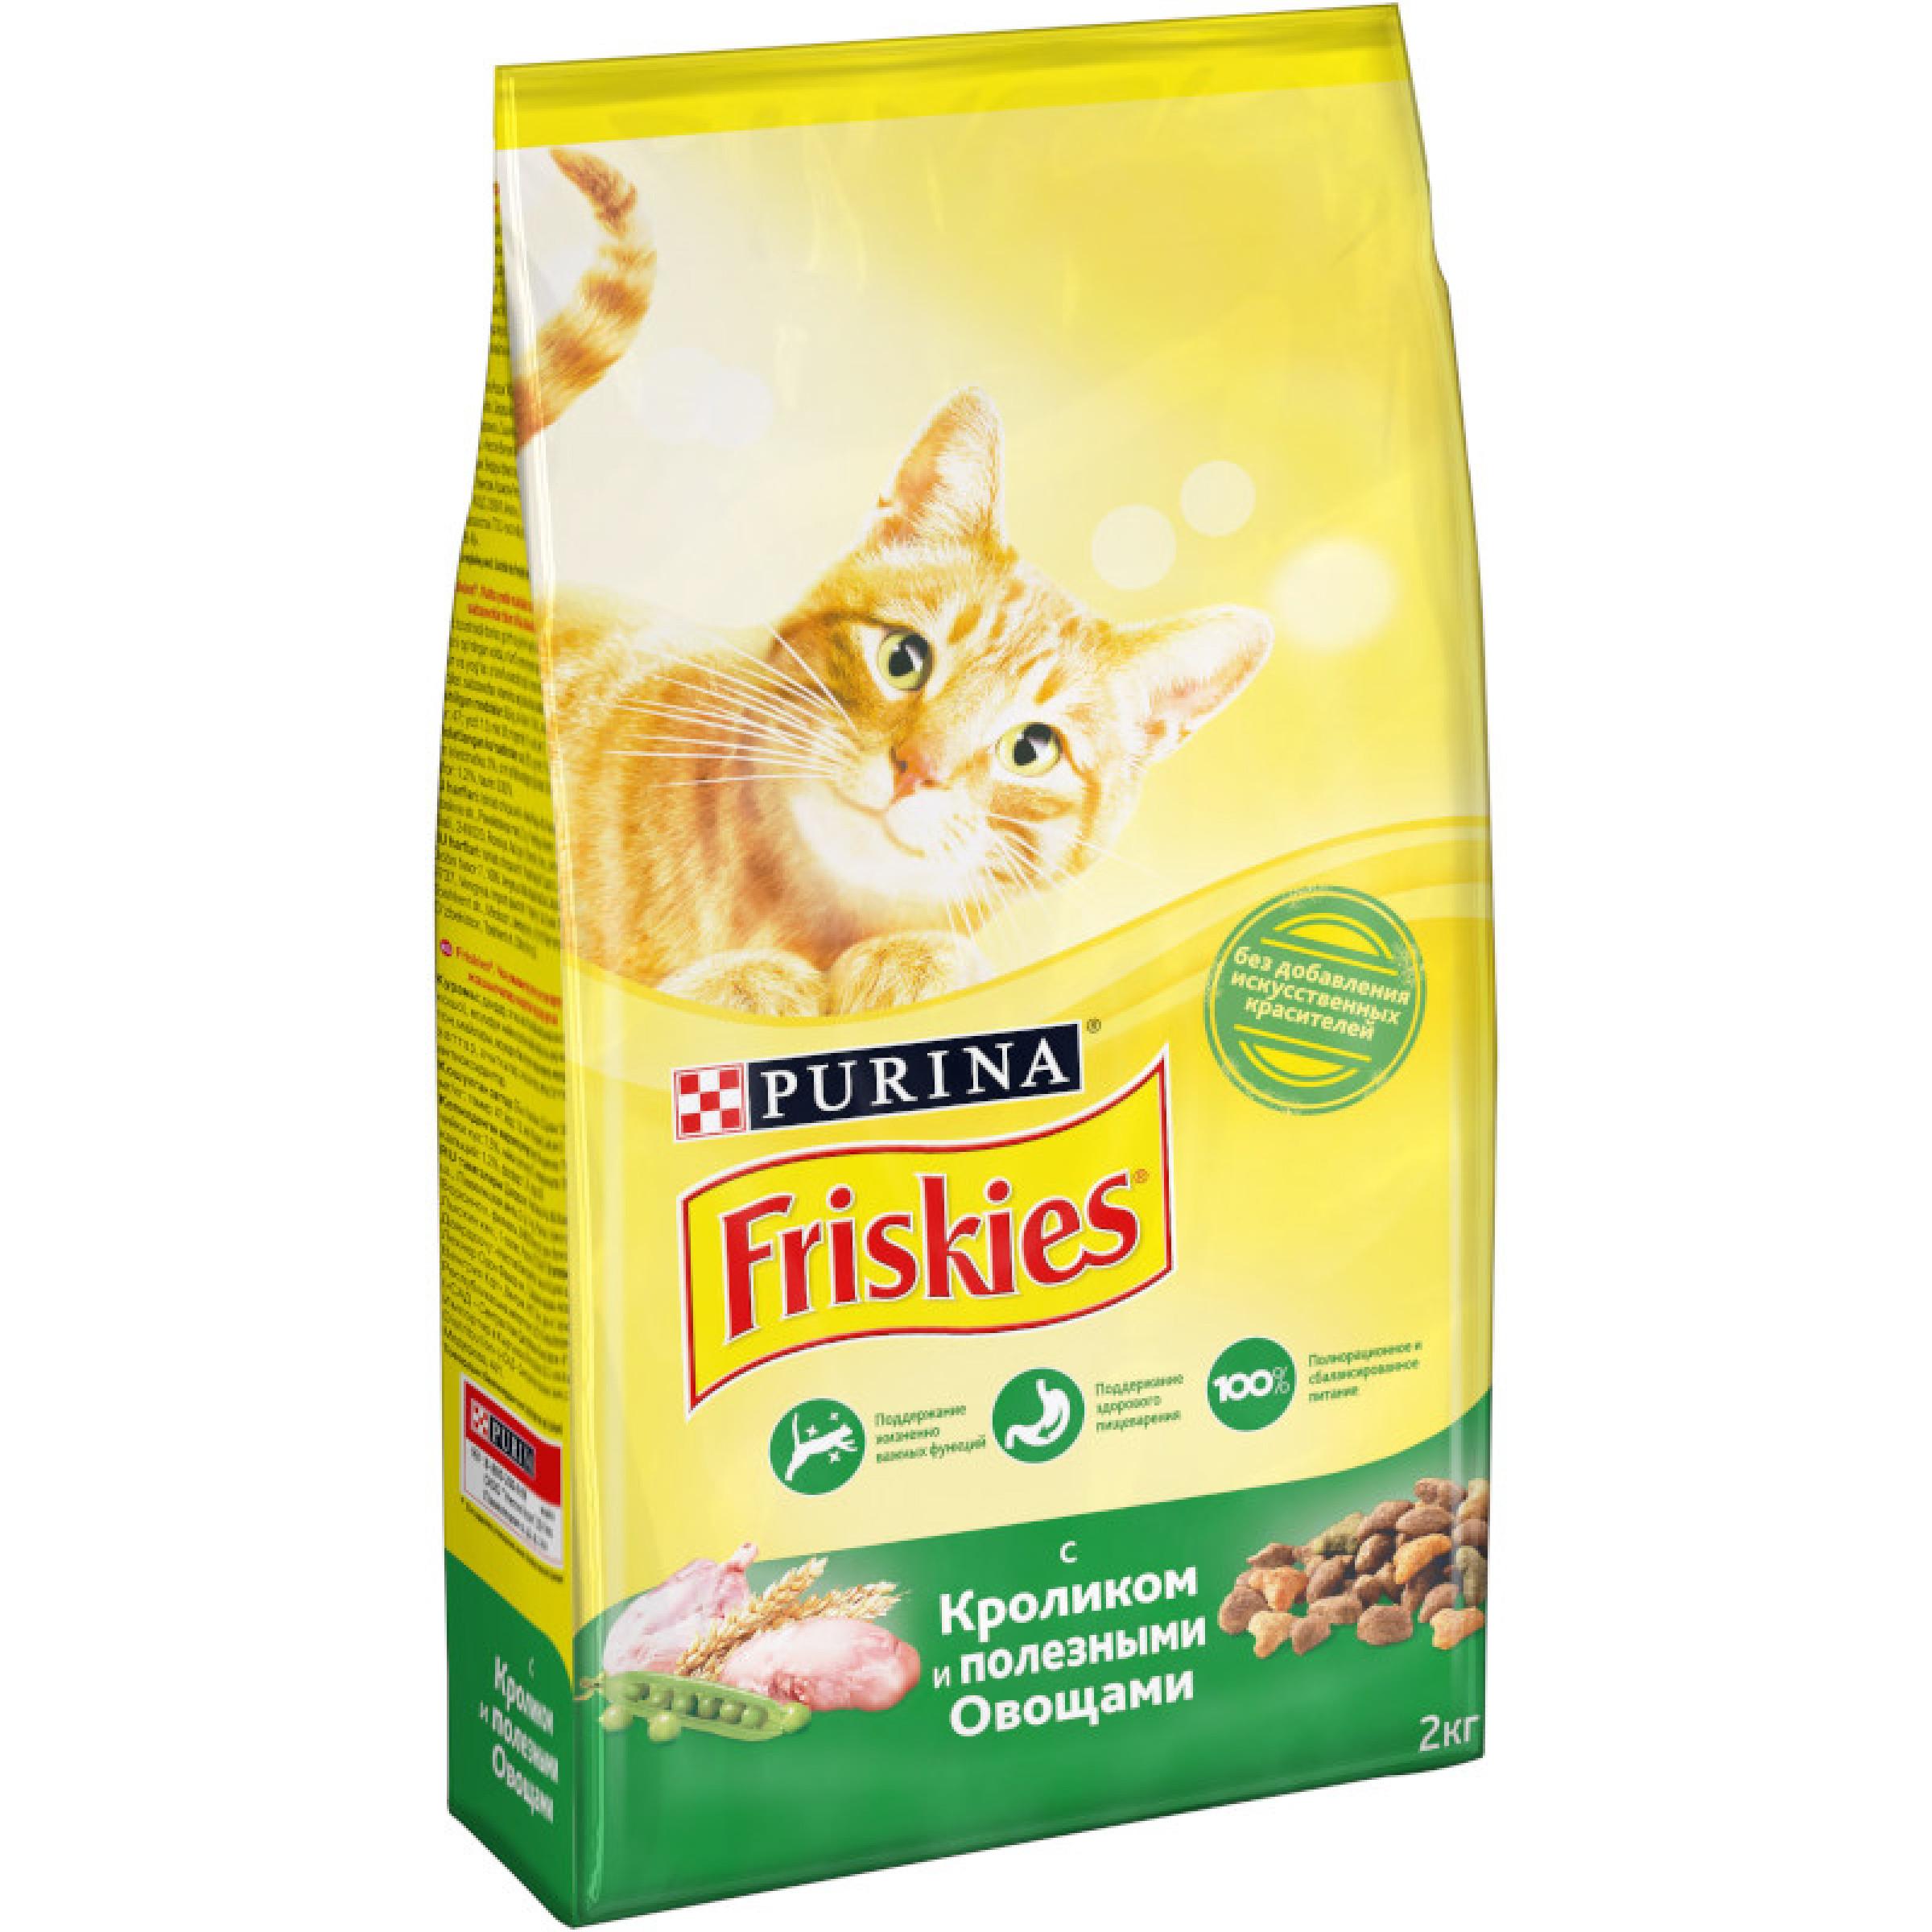 Сухой корм Friskies для взрослых кошек с кроликом и полезными овощами, 2 кг